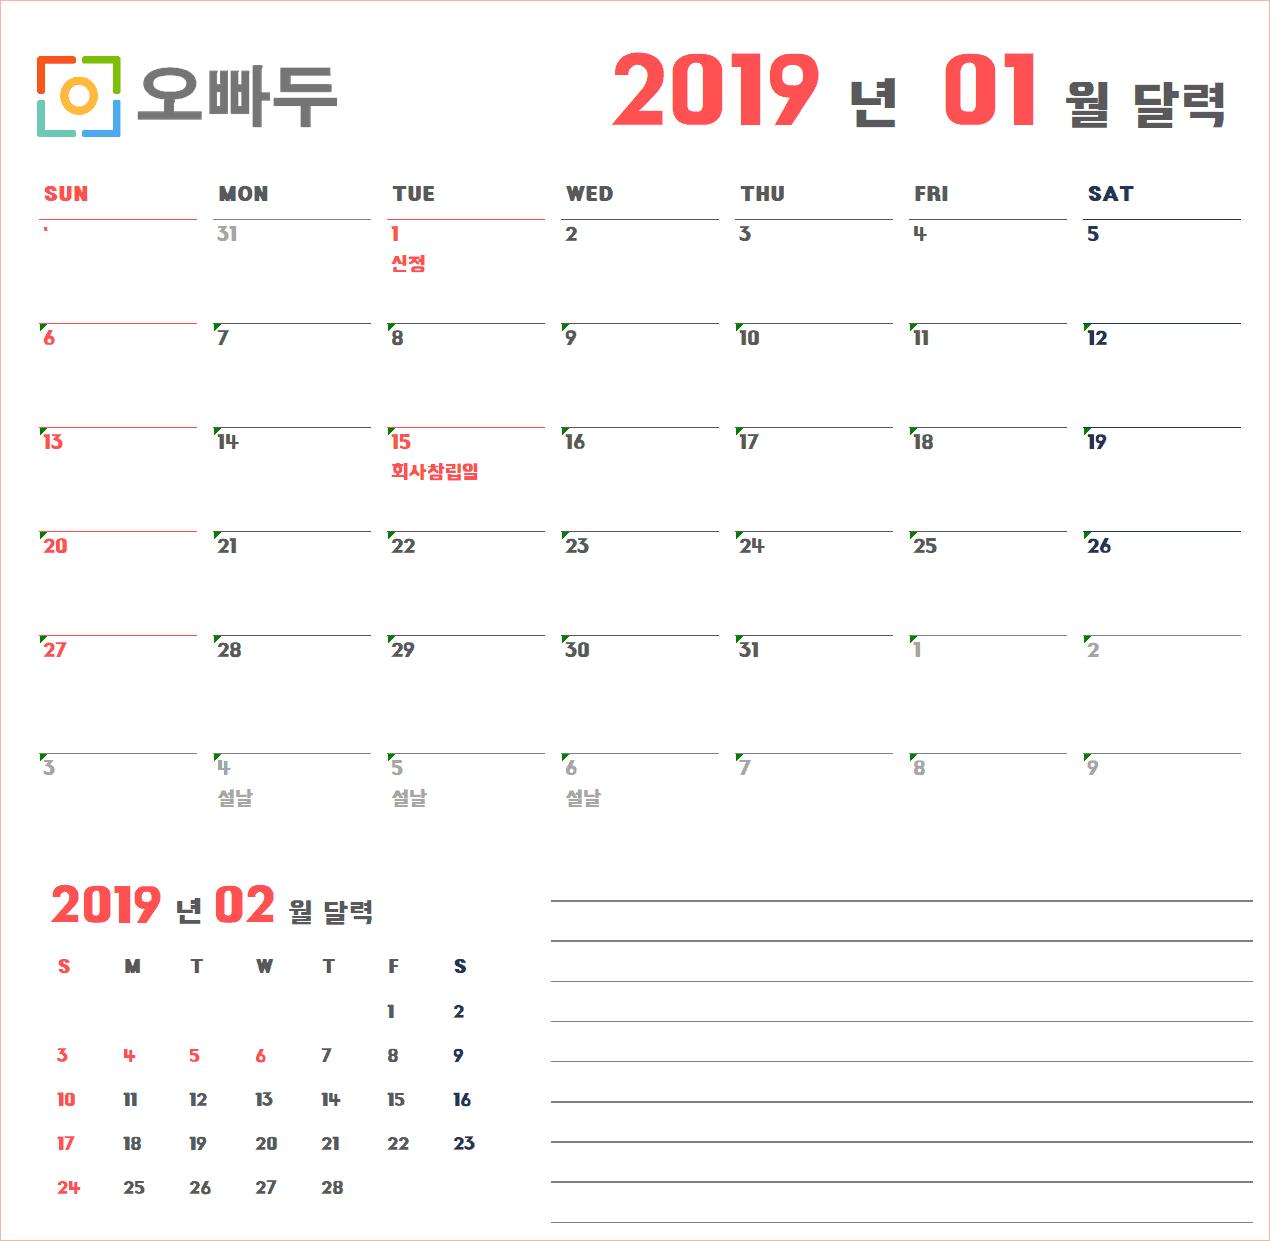 2019년 엑셀 달력